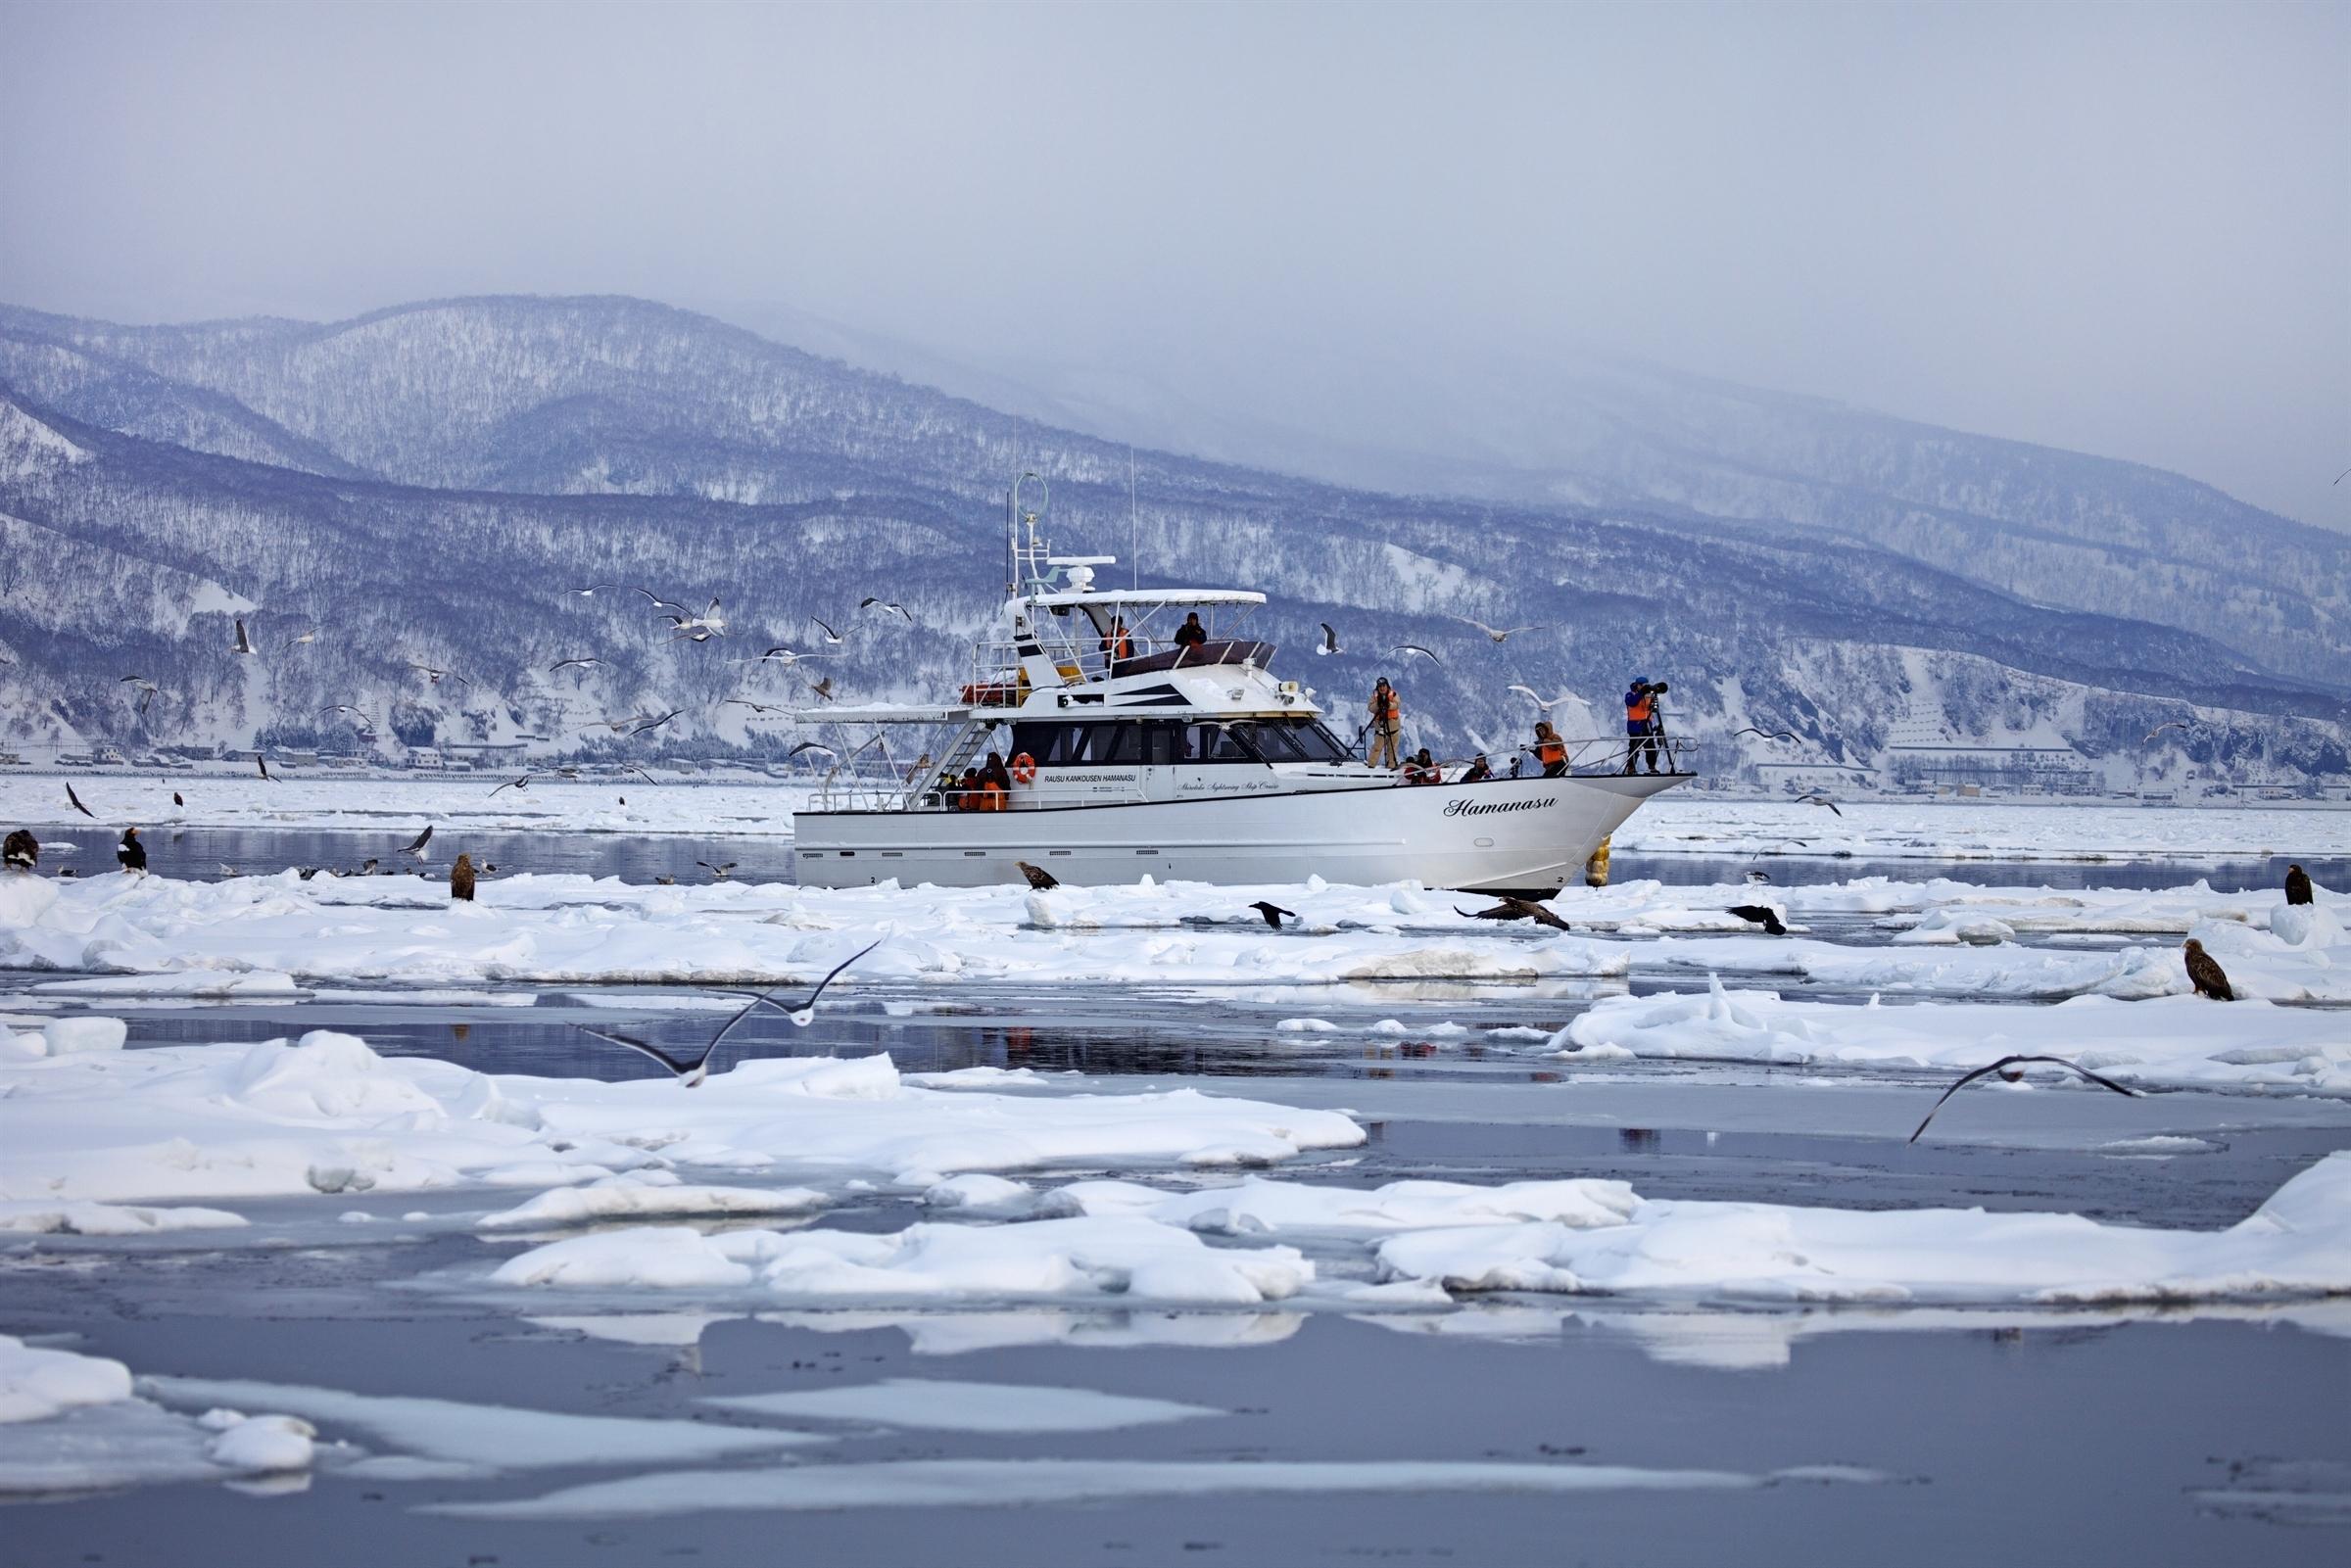 冬季的流冰是俄羅斯的阿穆爾河流入鄂霍次克海時所結成的冰塊。夏季時還能看到虎鯨。©︎GO ITO/SEBUN PHOTO/amanaimages